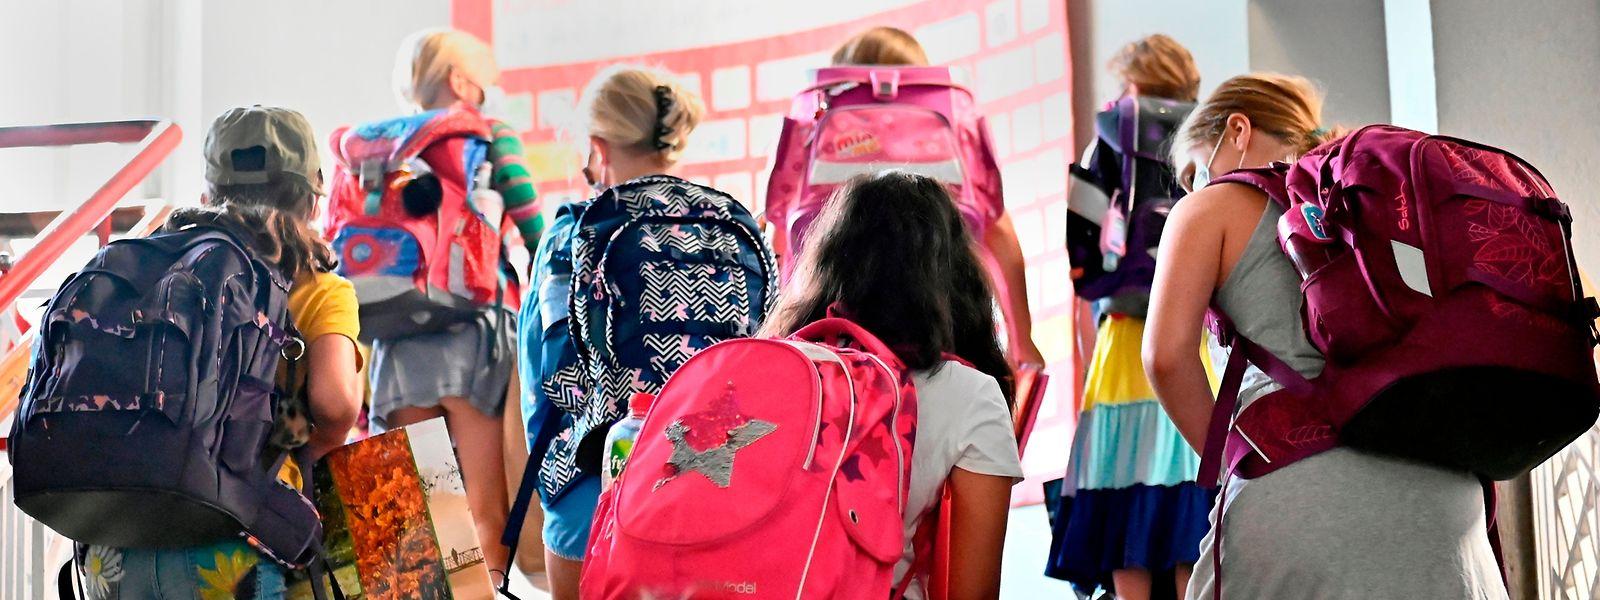 A Berlin, la rentrée scolaire lundi a vu élèves et enseignants porter le masque dans les écoles, à l'exception des salles de classe et des cours de récréation.